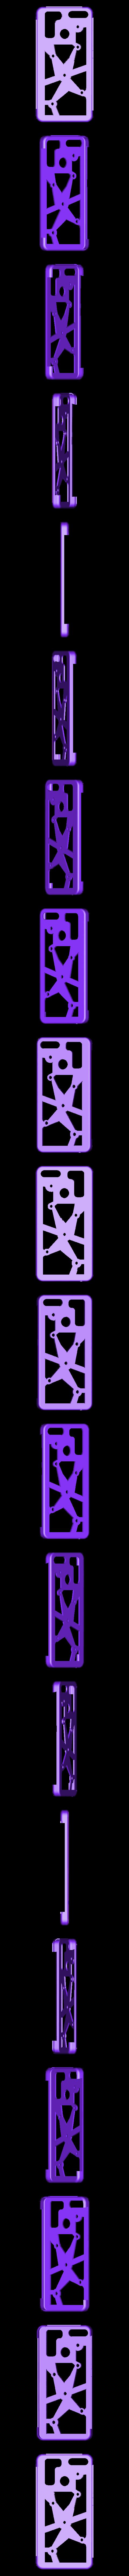 cover diciamo definitiva.stl Download free STL file cover gears for xiaomi mi A1 • 3D print object, Delli98